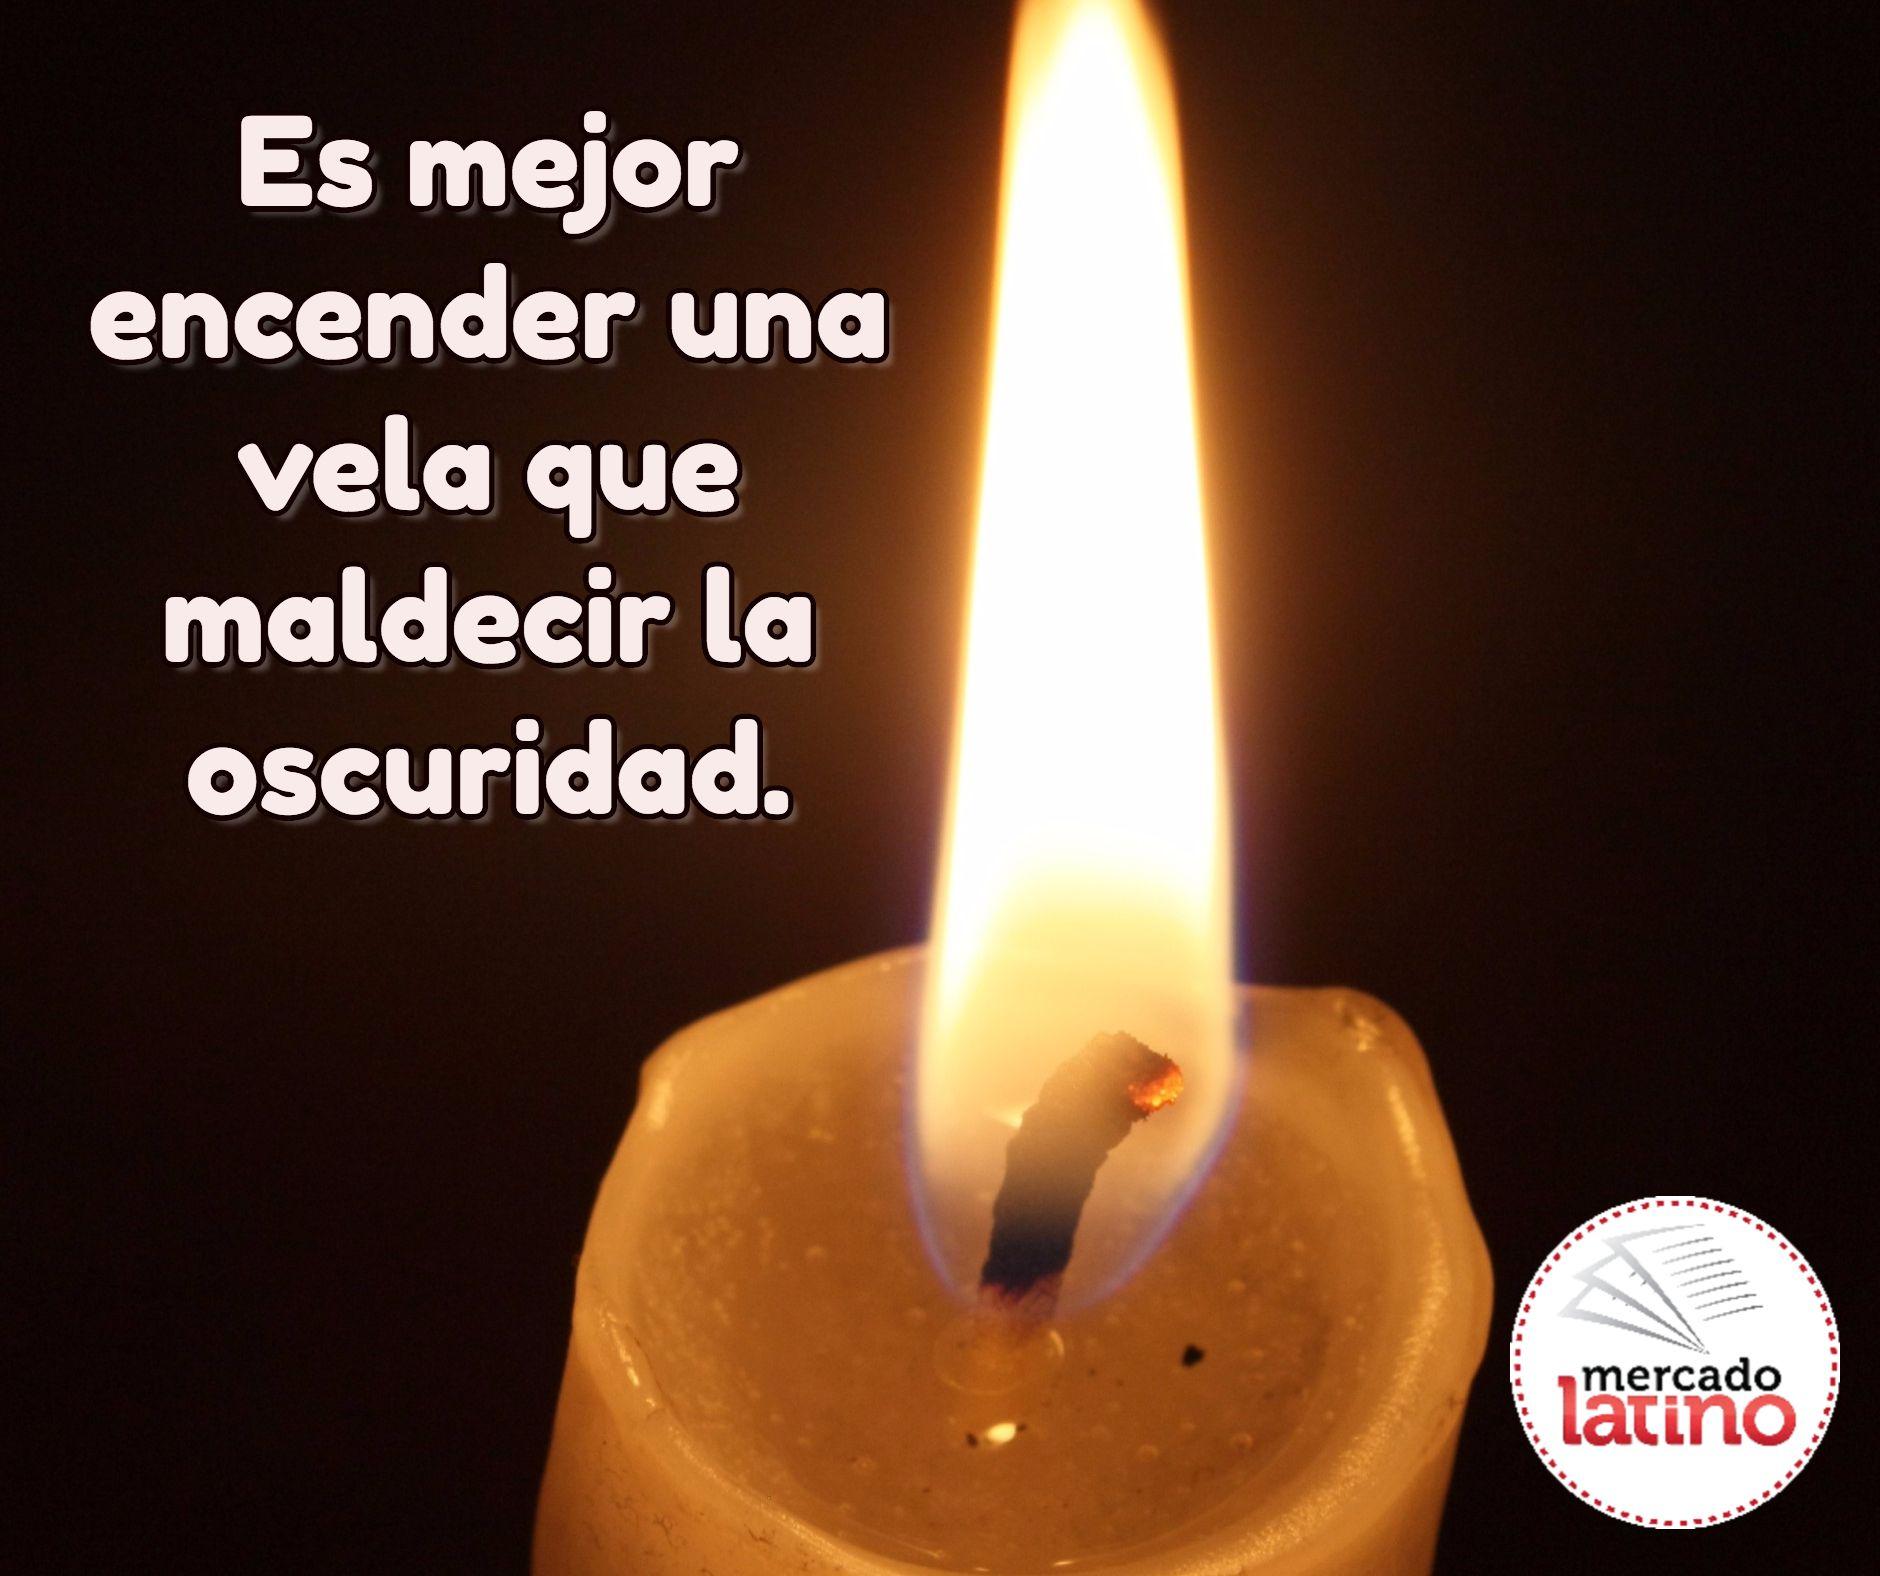 Es mejor encender una vela que maldecir la oscuridad.